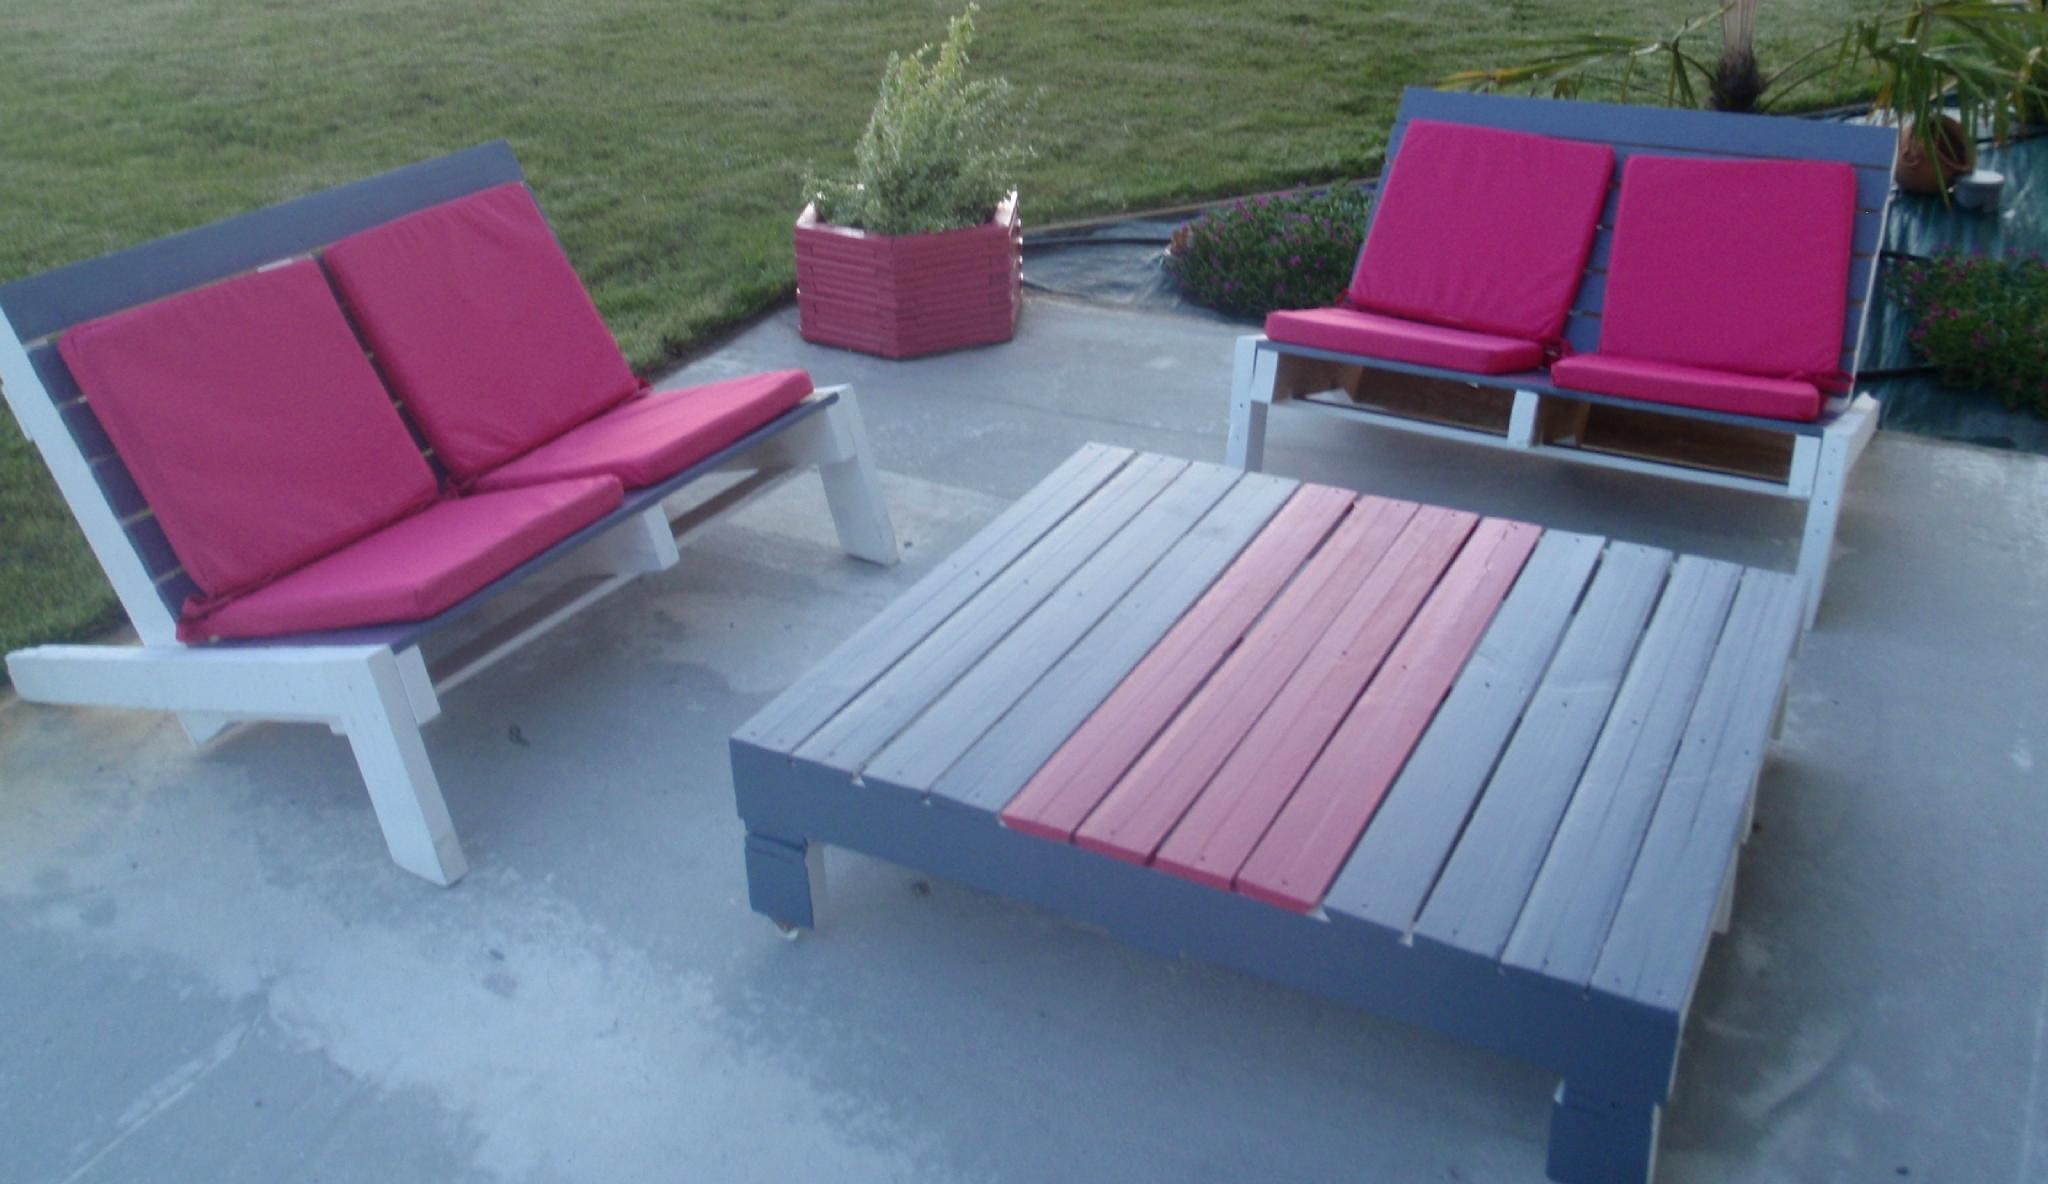 Faire Un Banc Avec Palette comment faire un salon de jardin avec des palettes